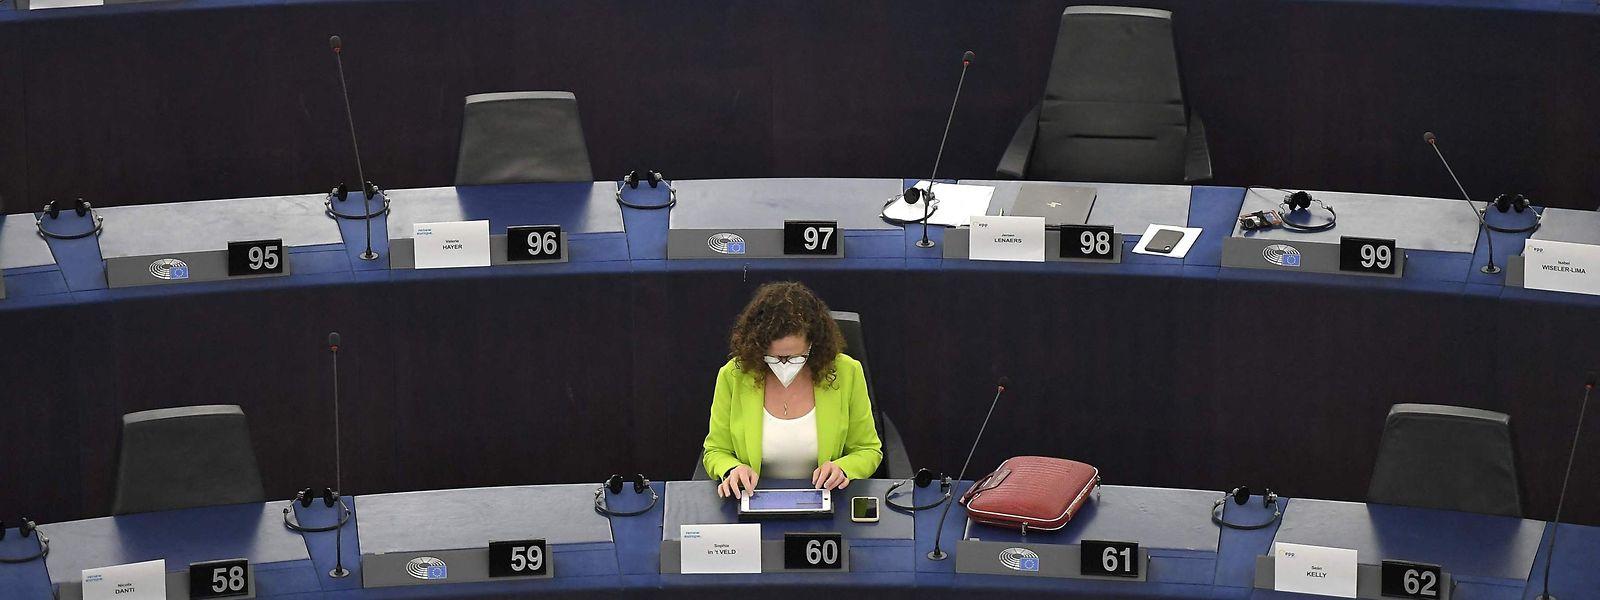 Dans un hémicycle peu rempli en raison des mesures sanitaires, les eurodéputés ont adopté la mise en place du certificat vert européen qui doit faciliter la reprise des voyages au cours de l'été au sein de l'UE.